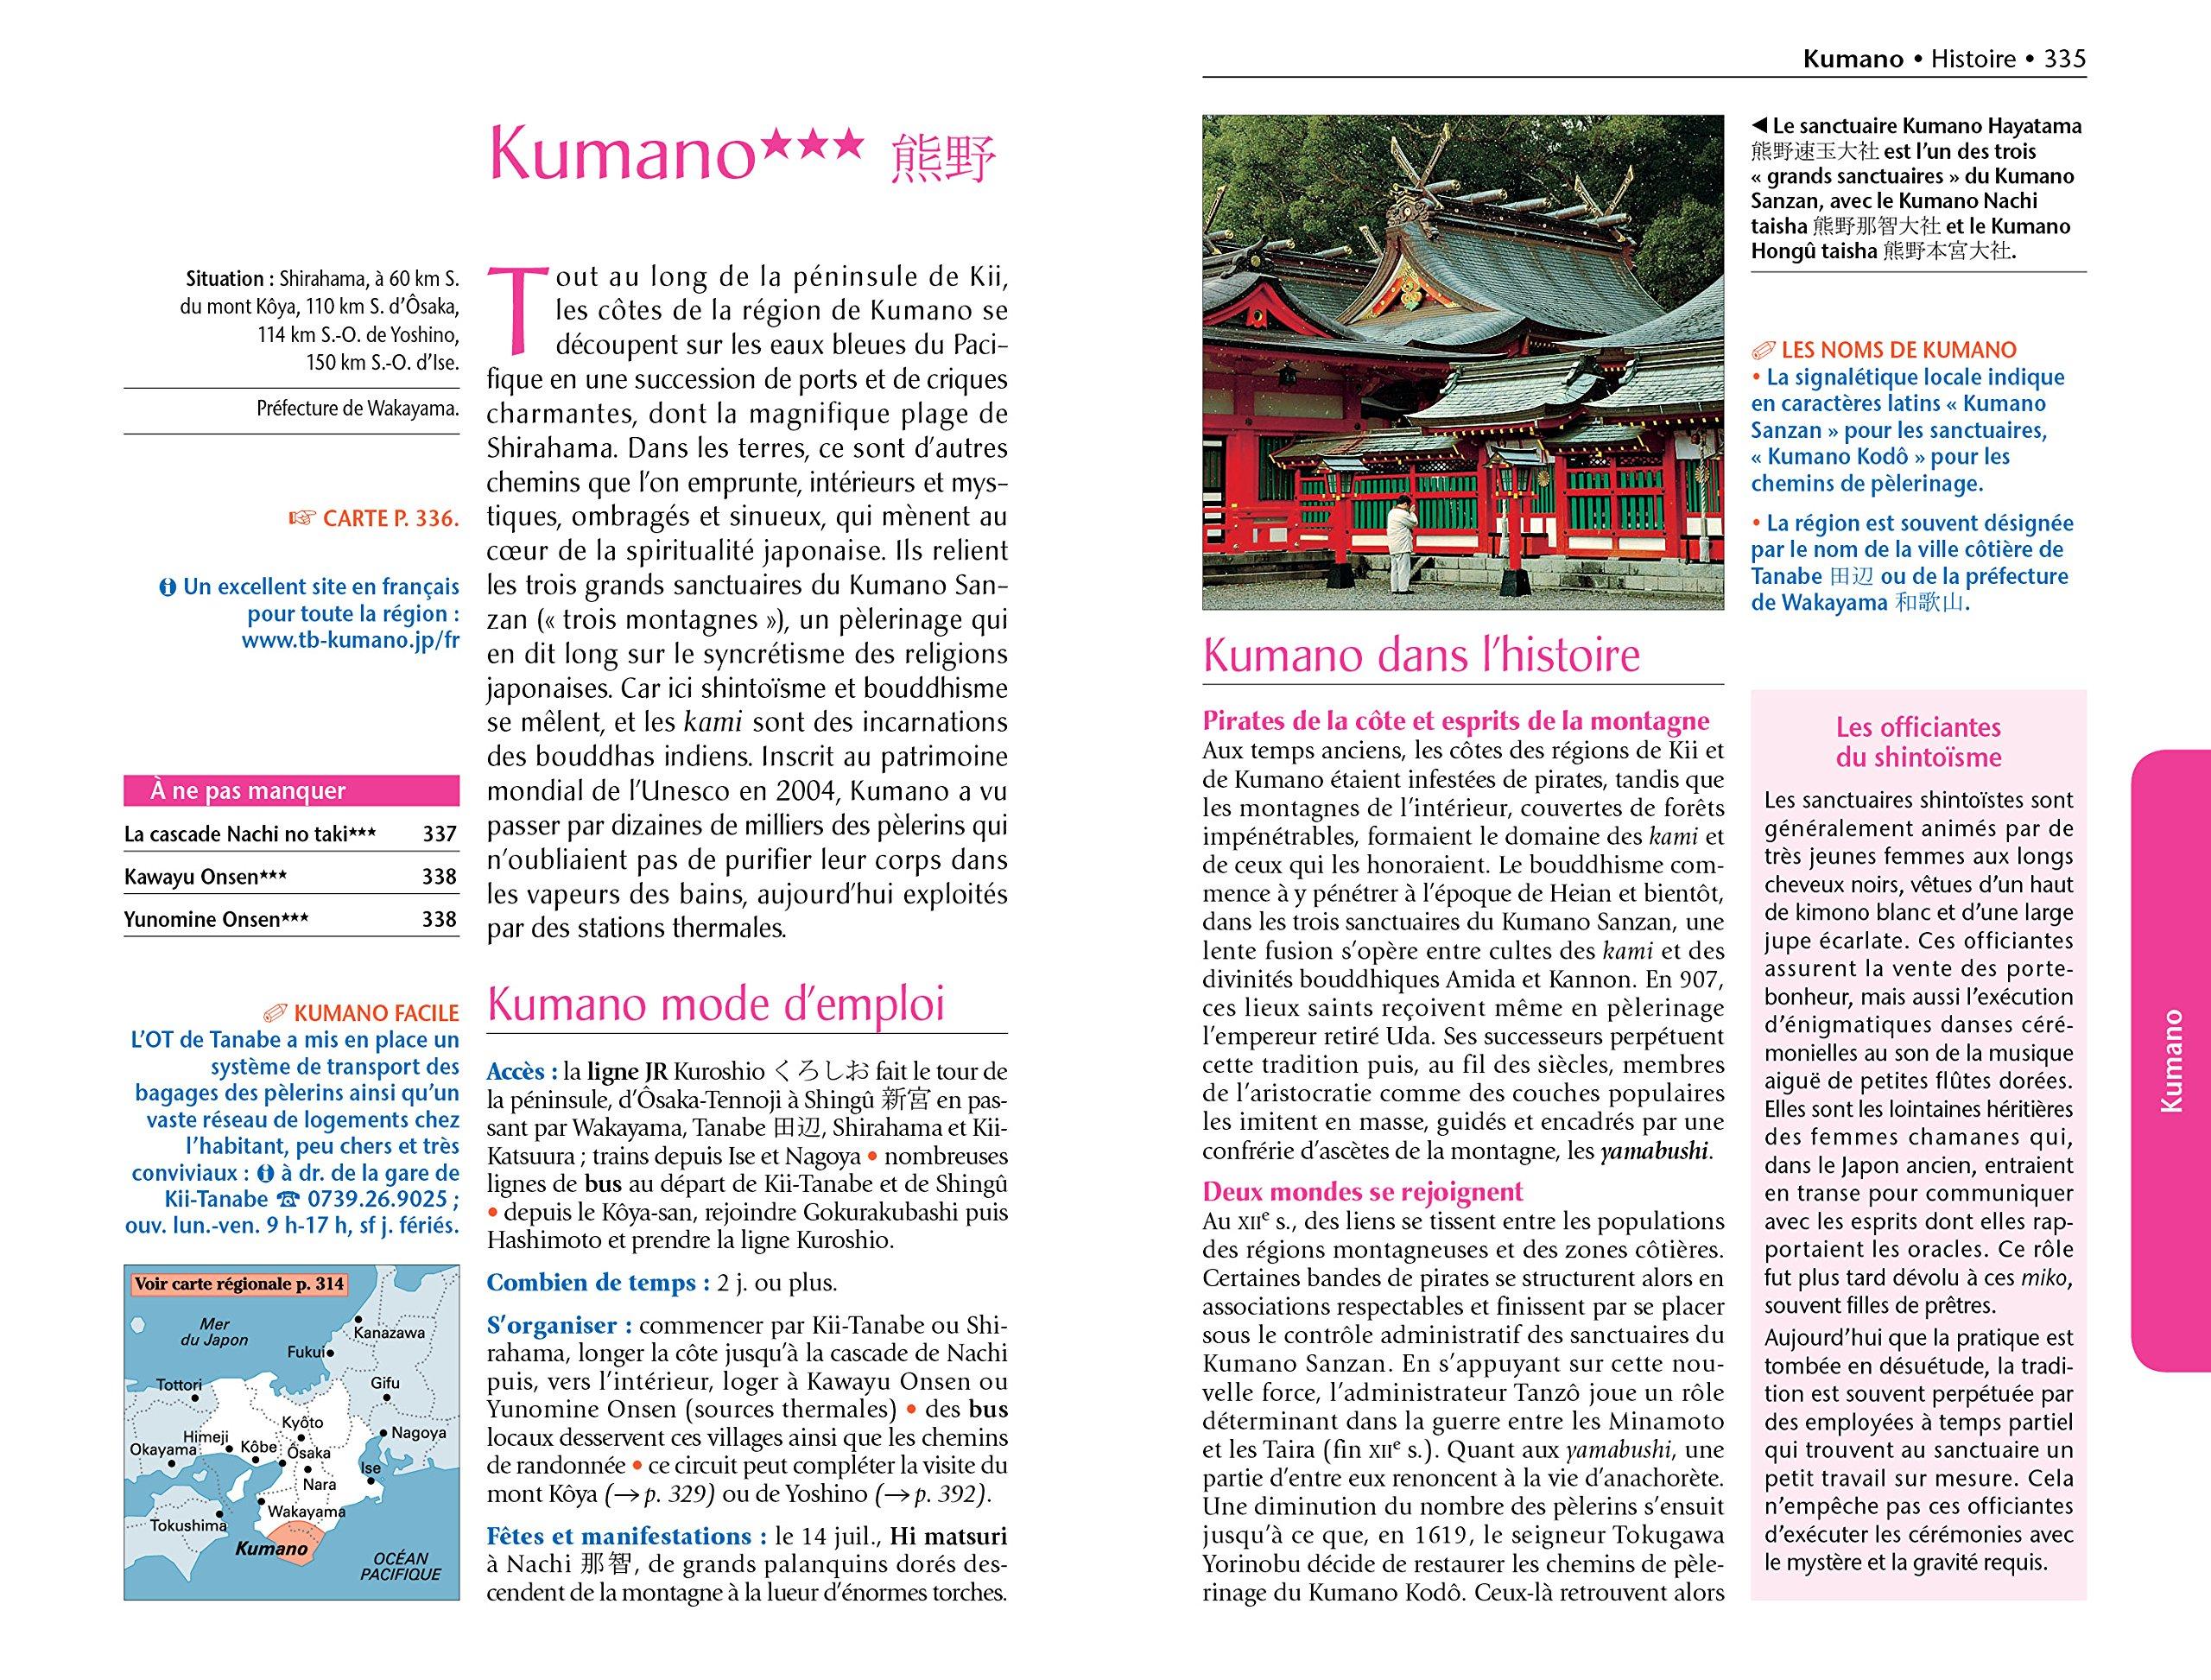 Extrait consacré à Kumano